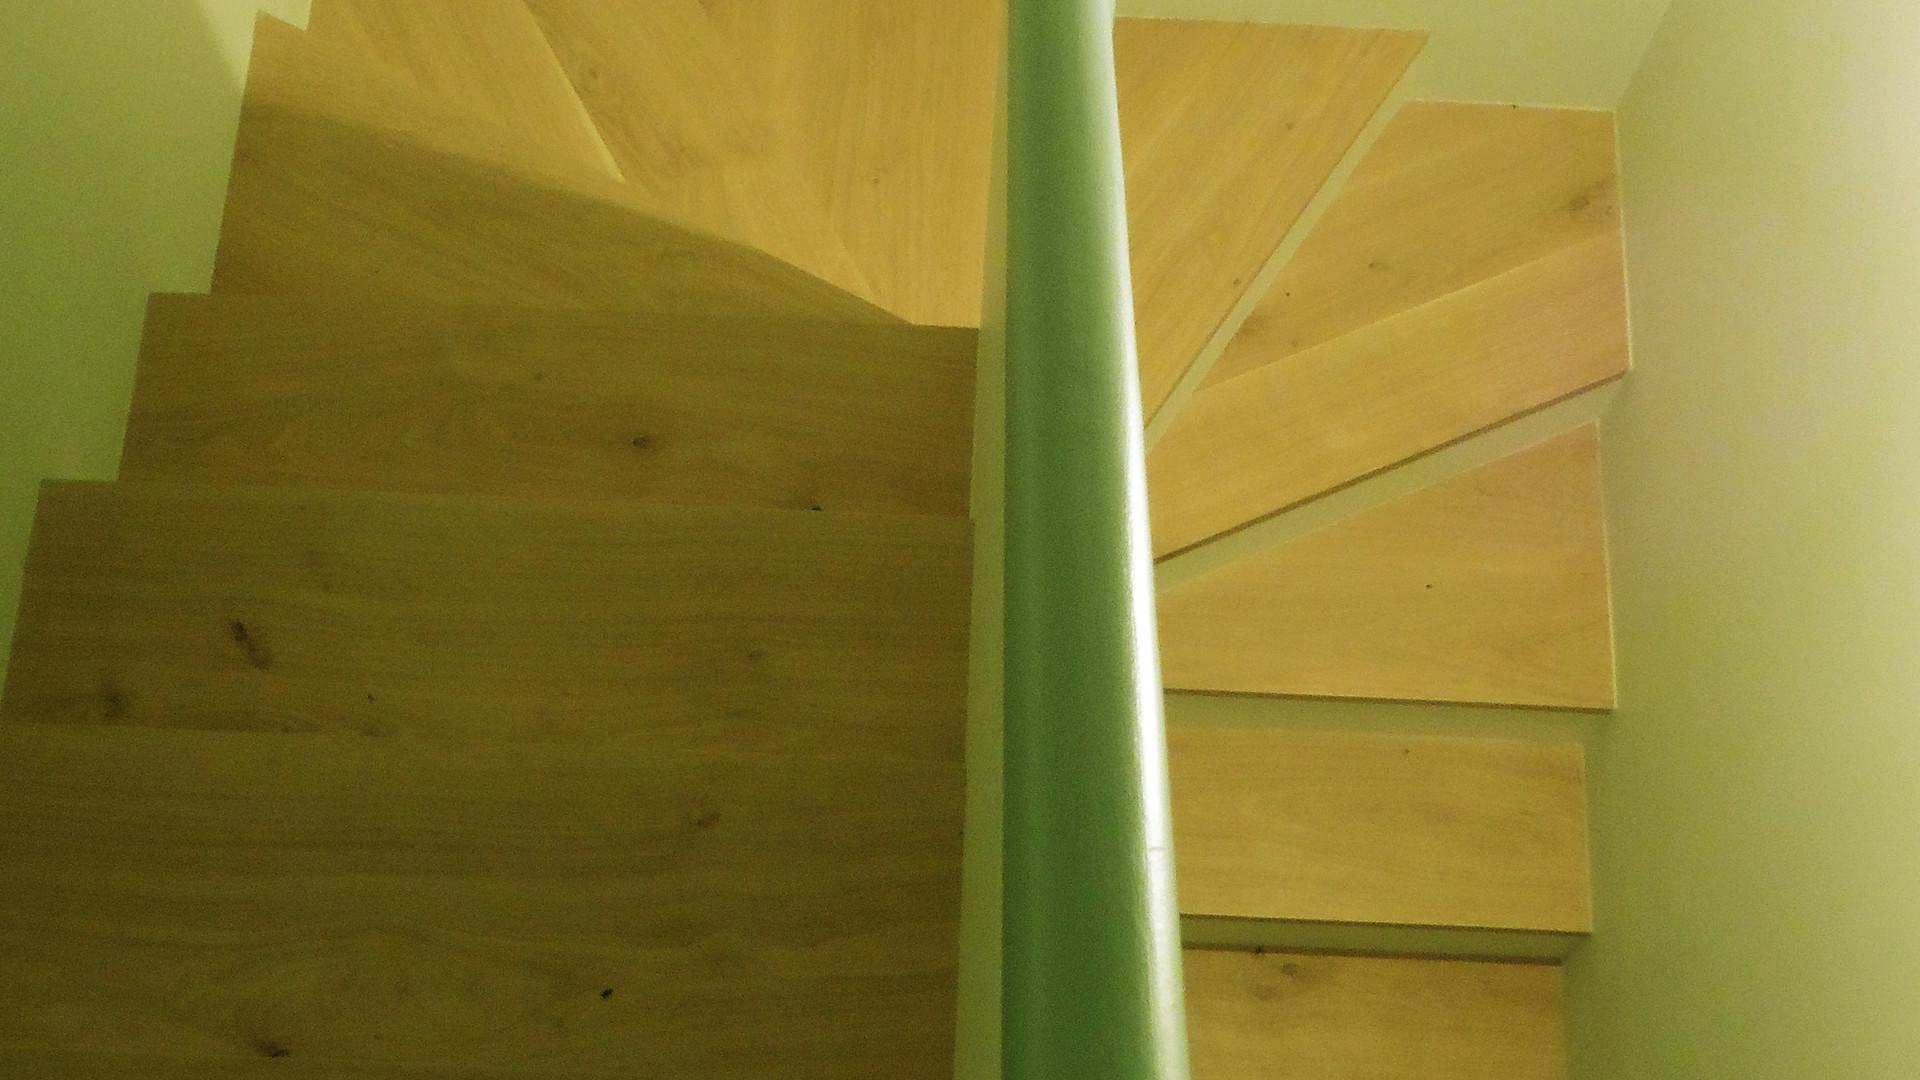 Nouvel escalier, au milieu des chambres